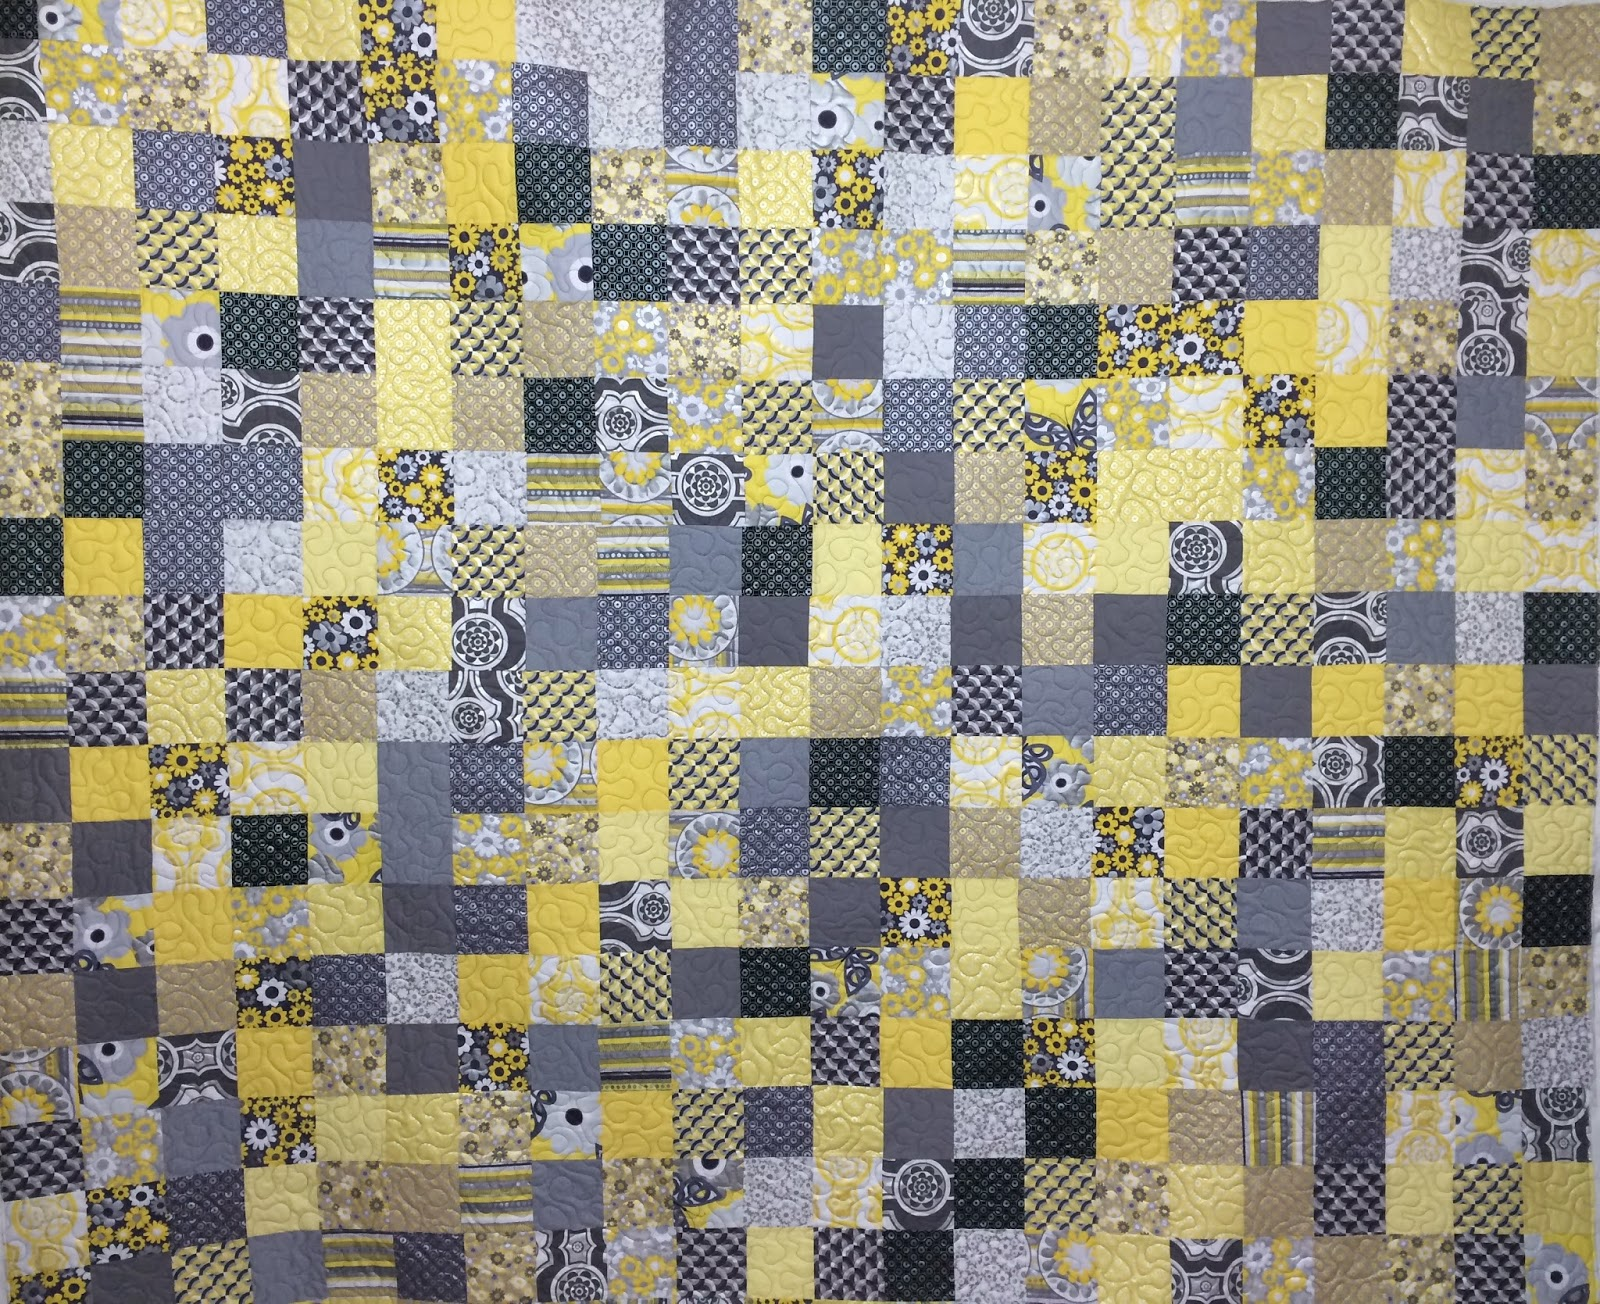 Brigitte Florschutz Yellow and Gray Quilt